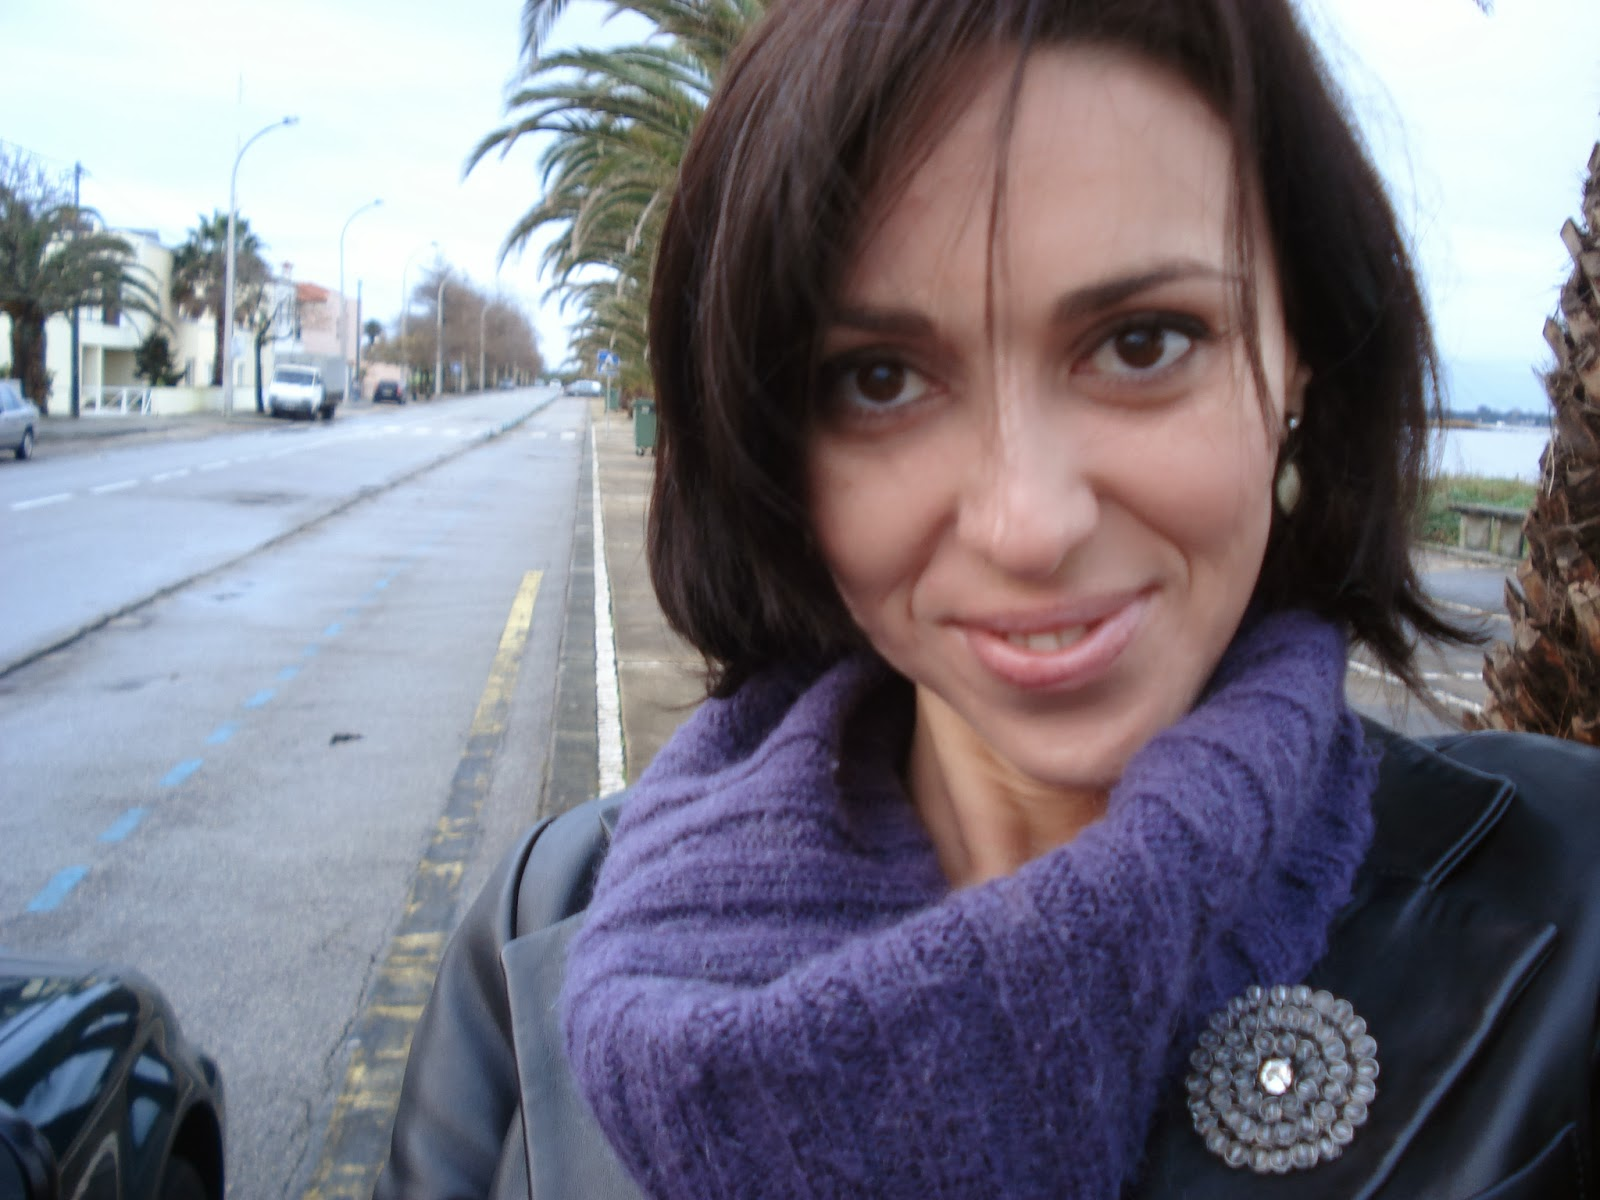 sapatinho, moda, blog, blogue, blogger, aveiro, top, 10, portugal, look, manuela, simões